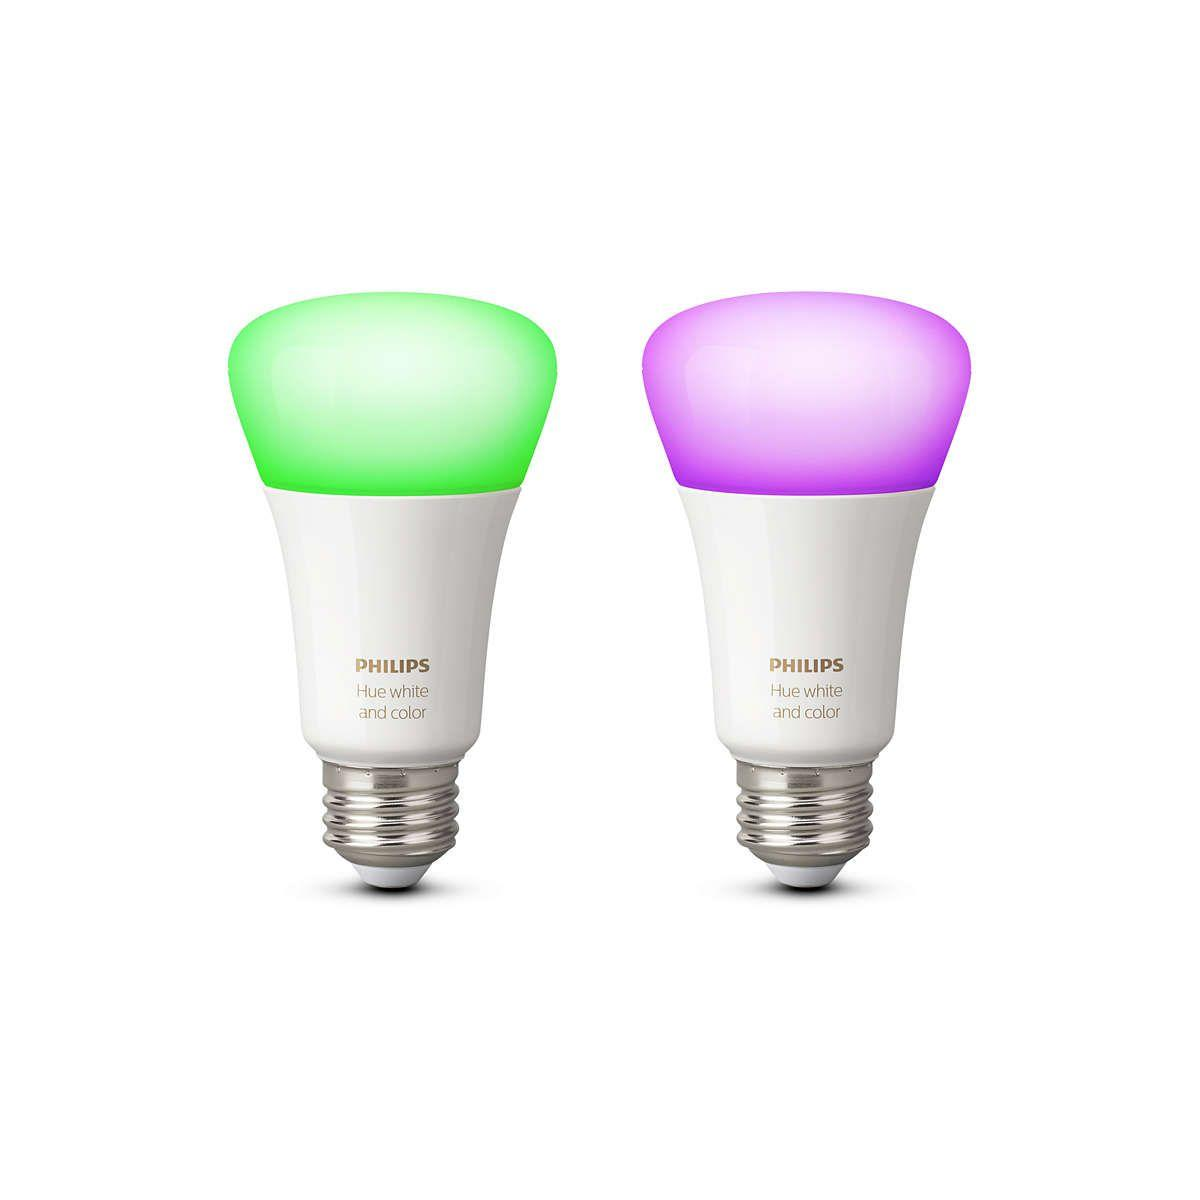 Ampoule connectable philips pack x2 e27 hue white & colors - livraison offerte : code premium (photo)